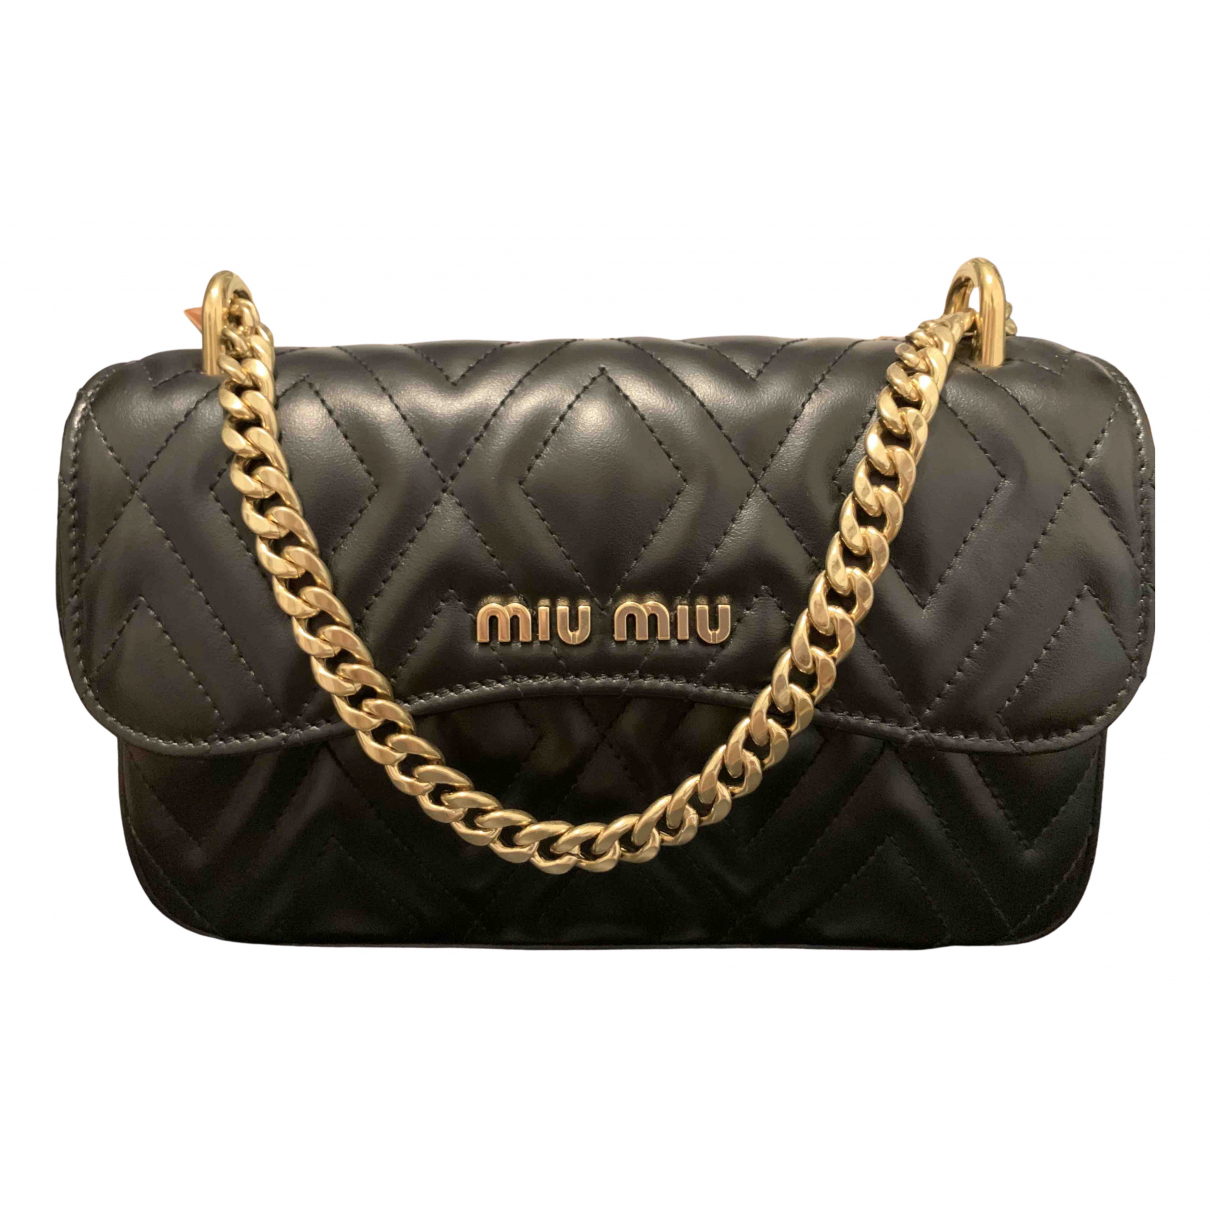 Miu Miu Miu delice Black Leather handbag for Women \N